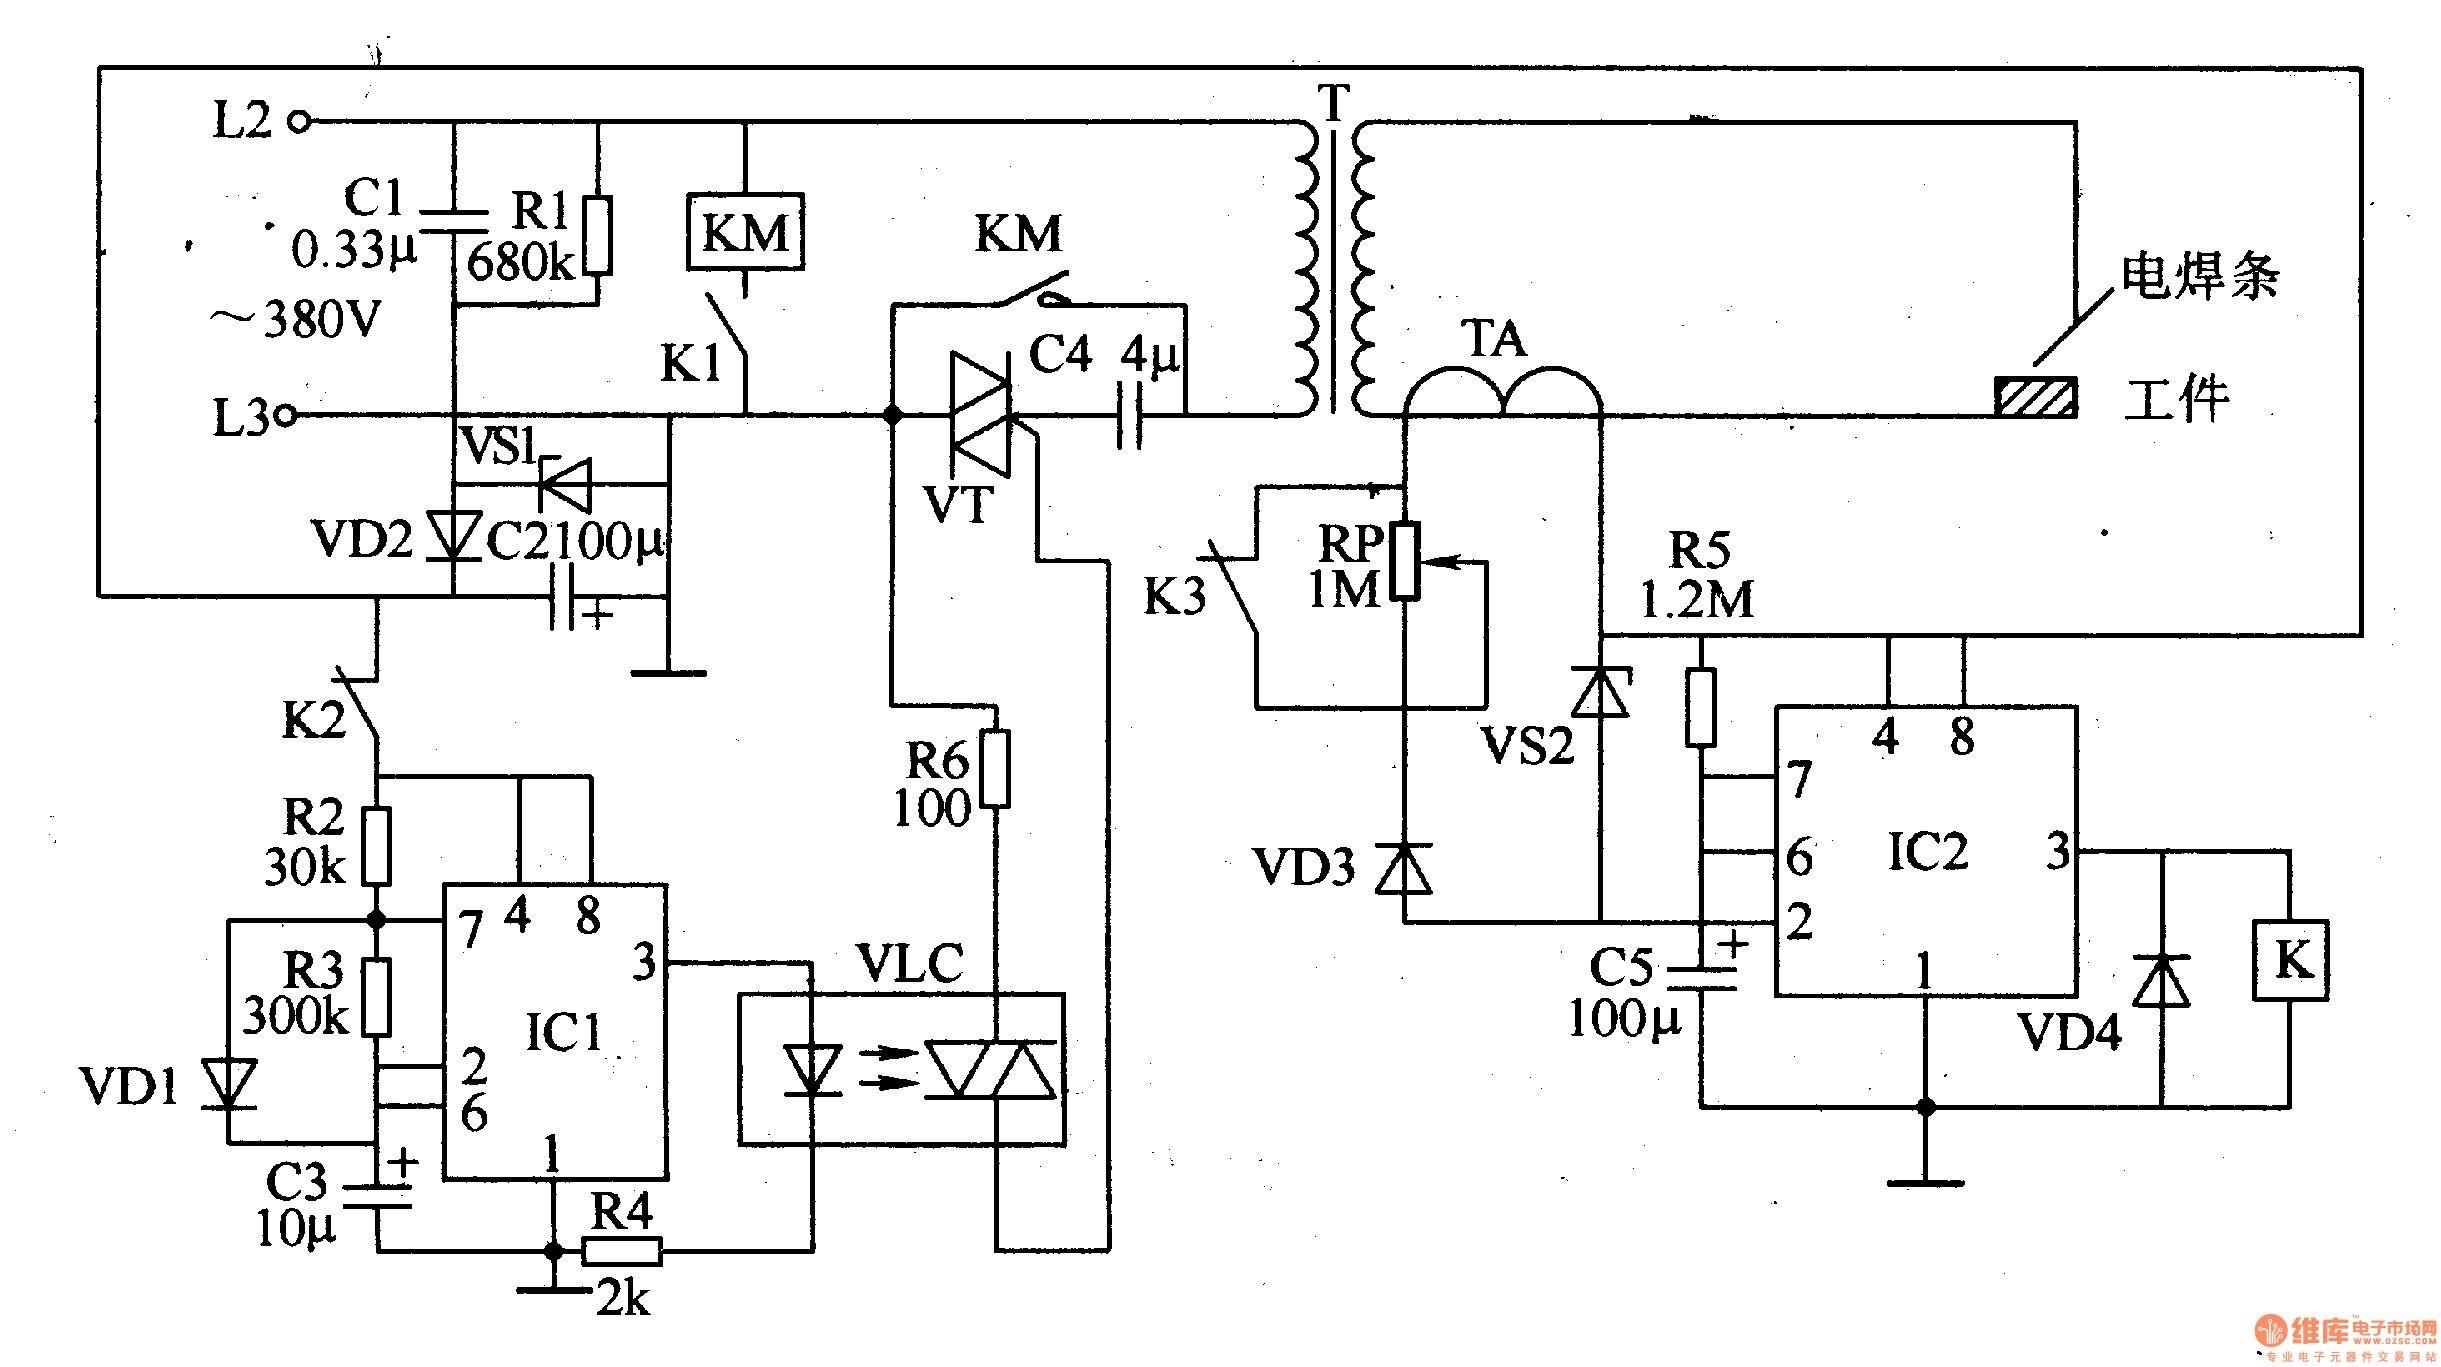 welding inverter block diagram